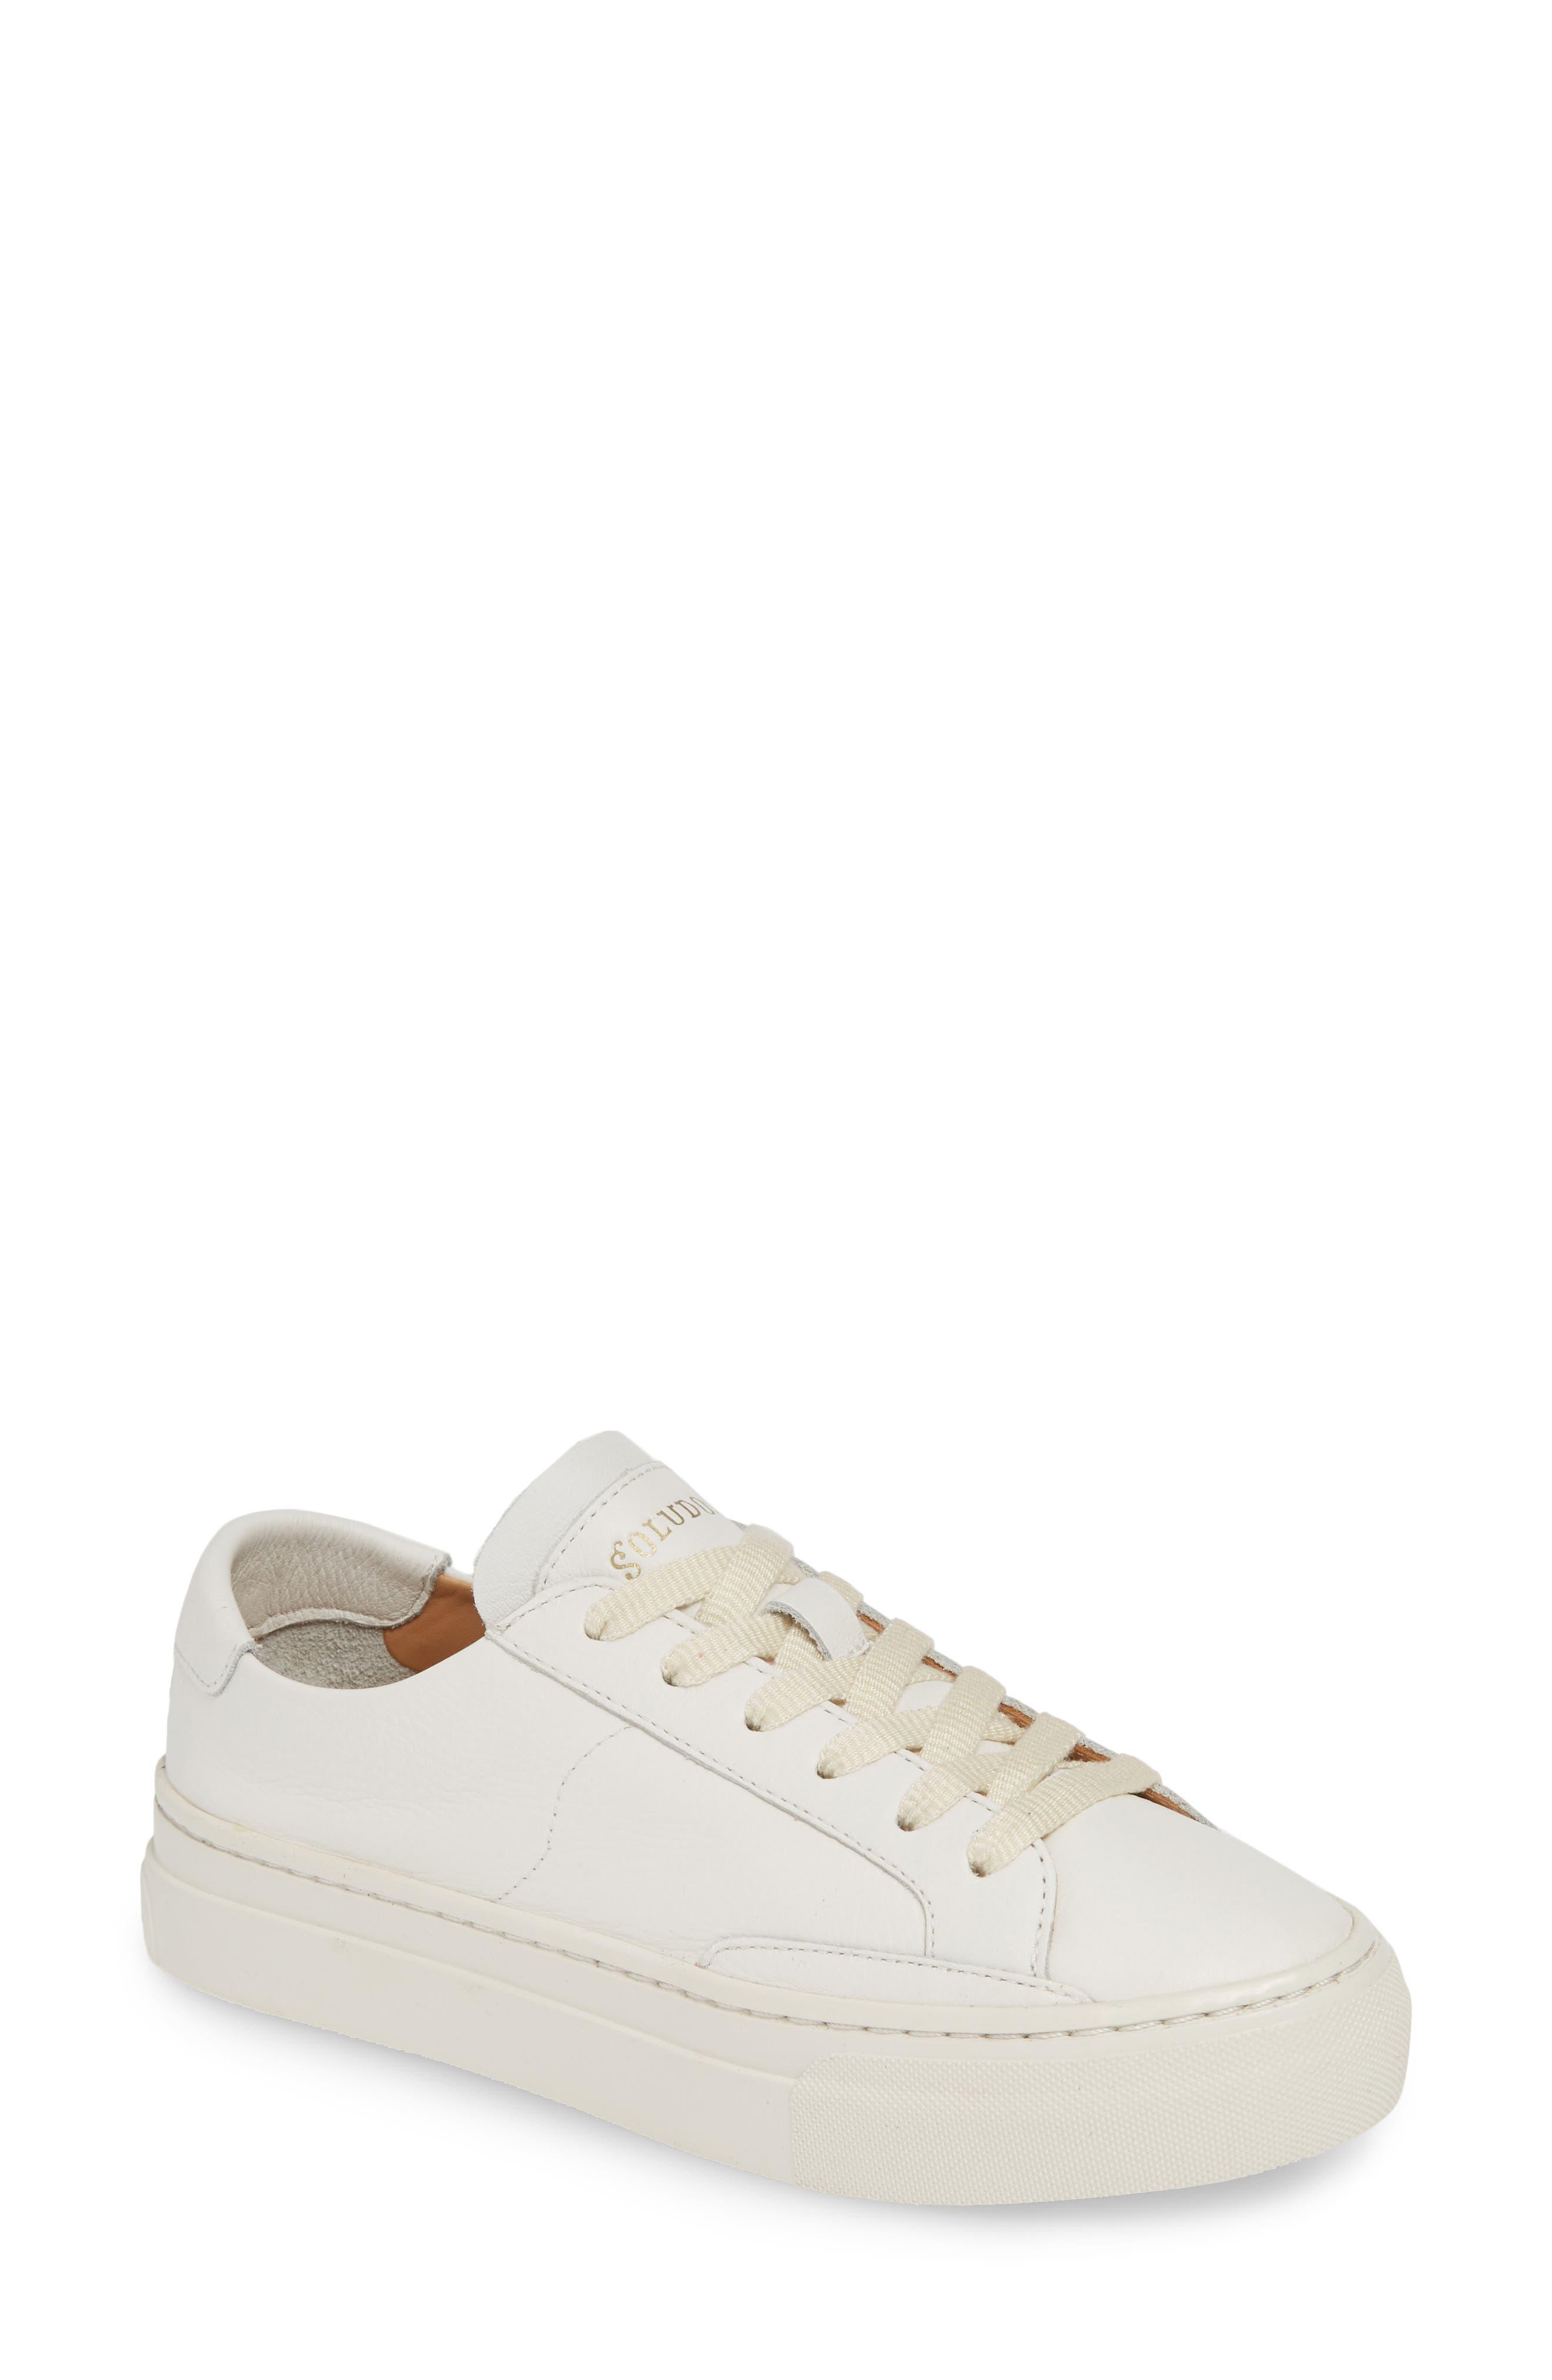 Soludos Ibiza Platform Sneaker- White